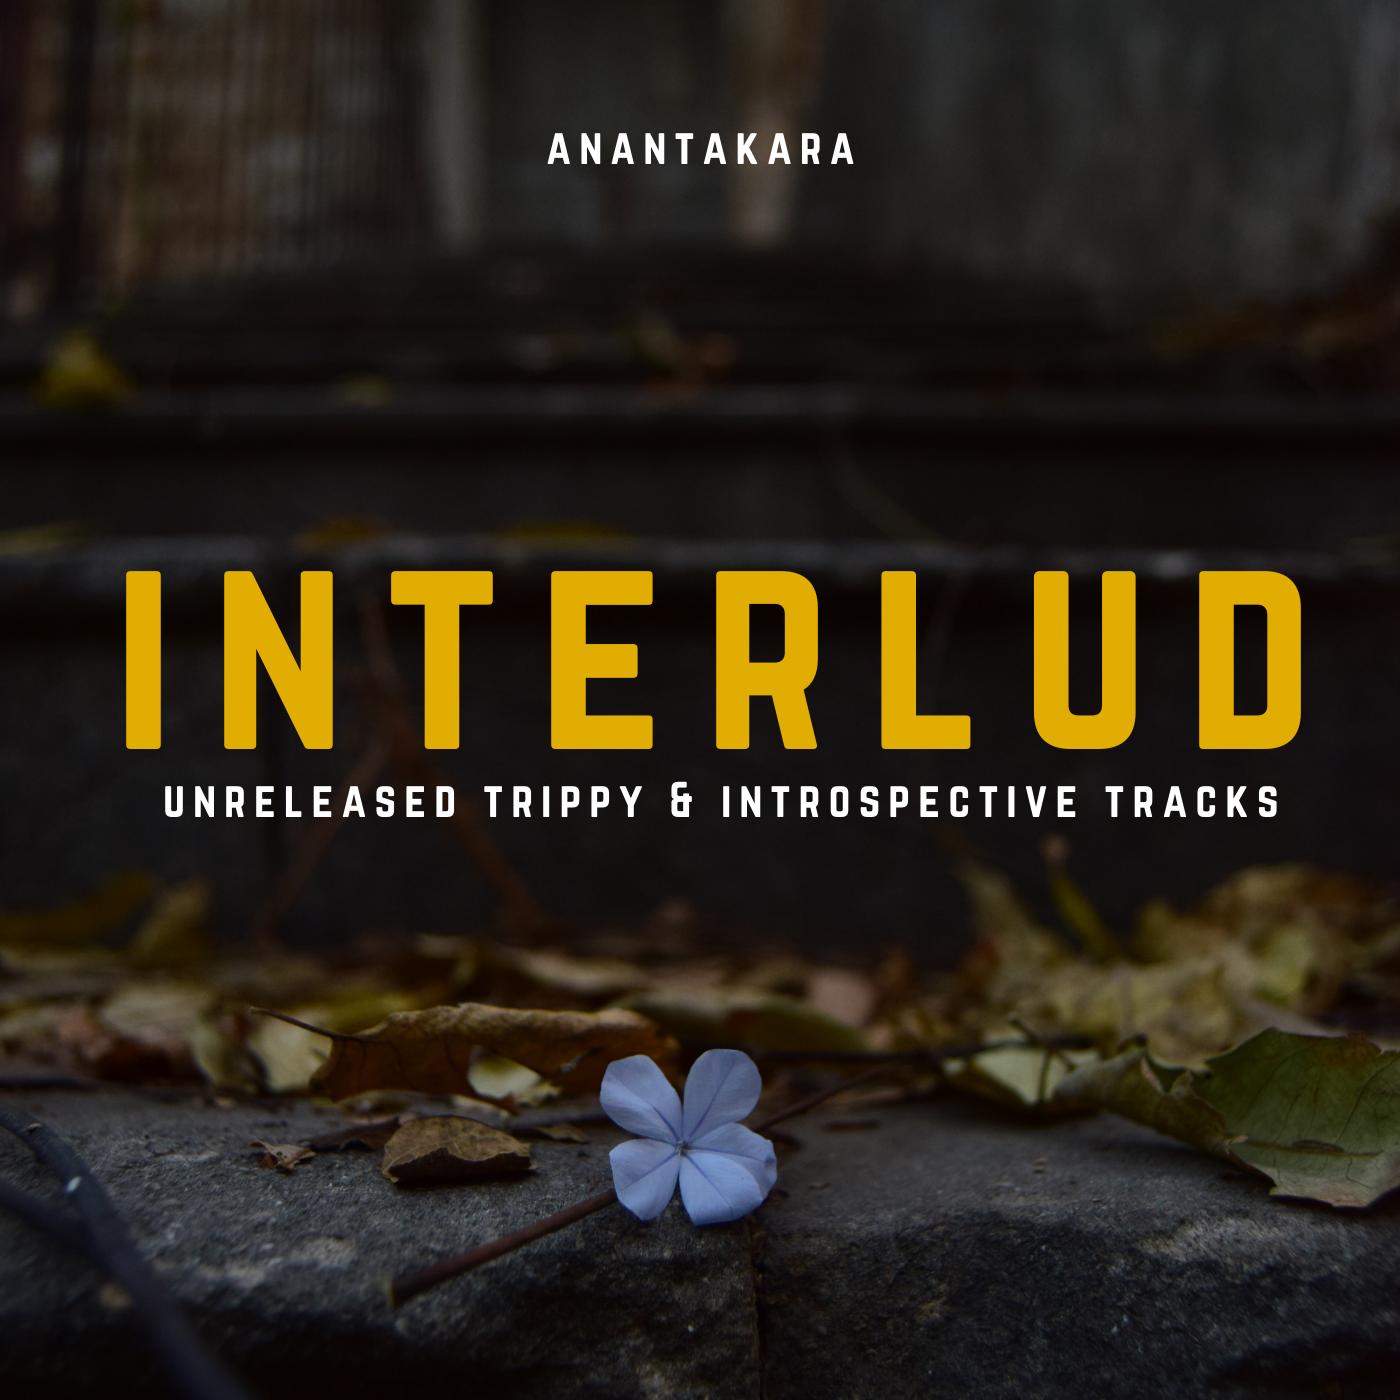 Anantakara album